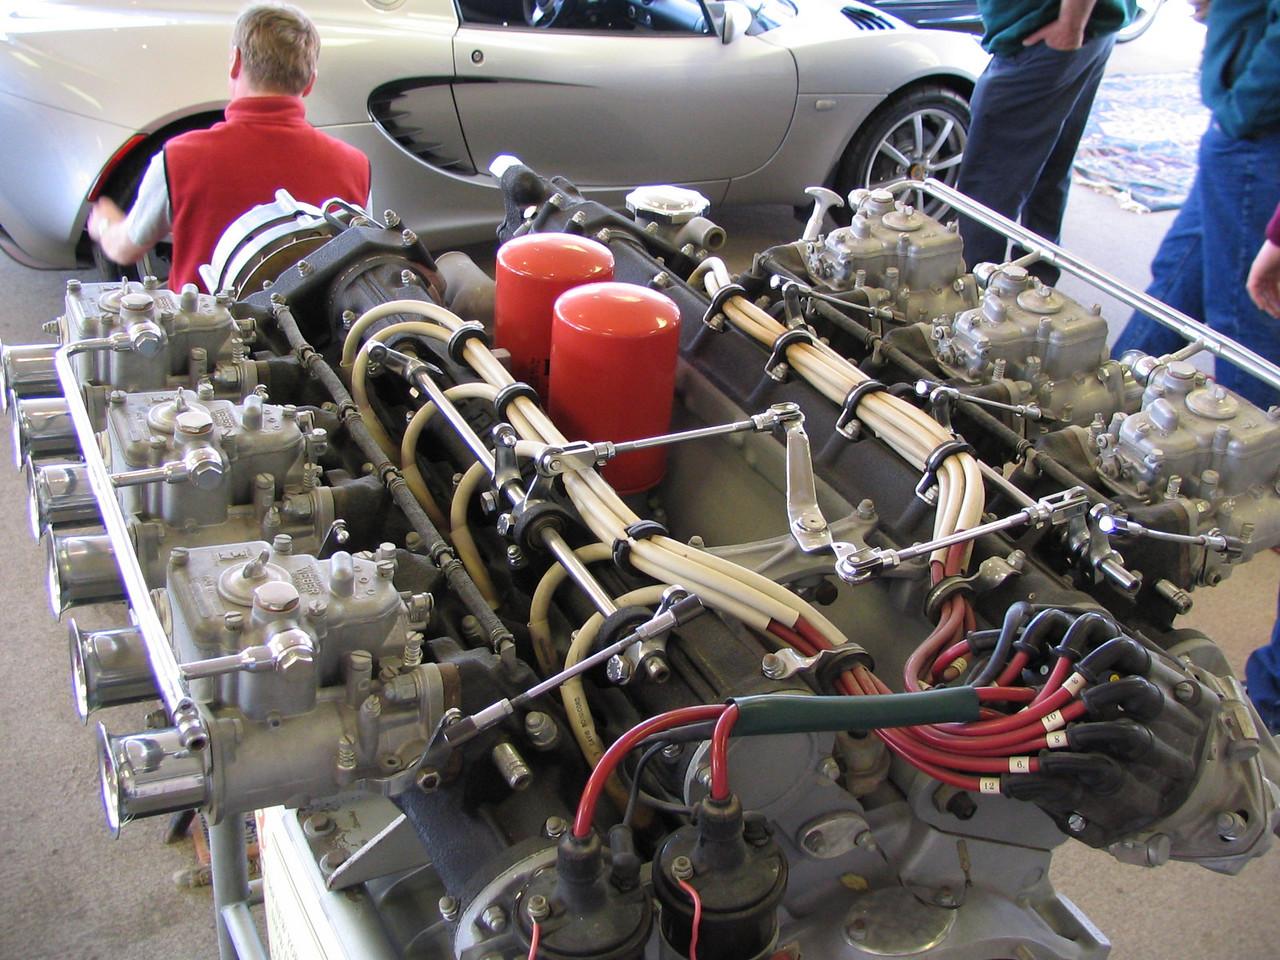 Ferrari 365 V12 engine